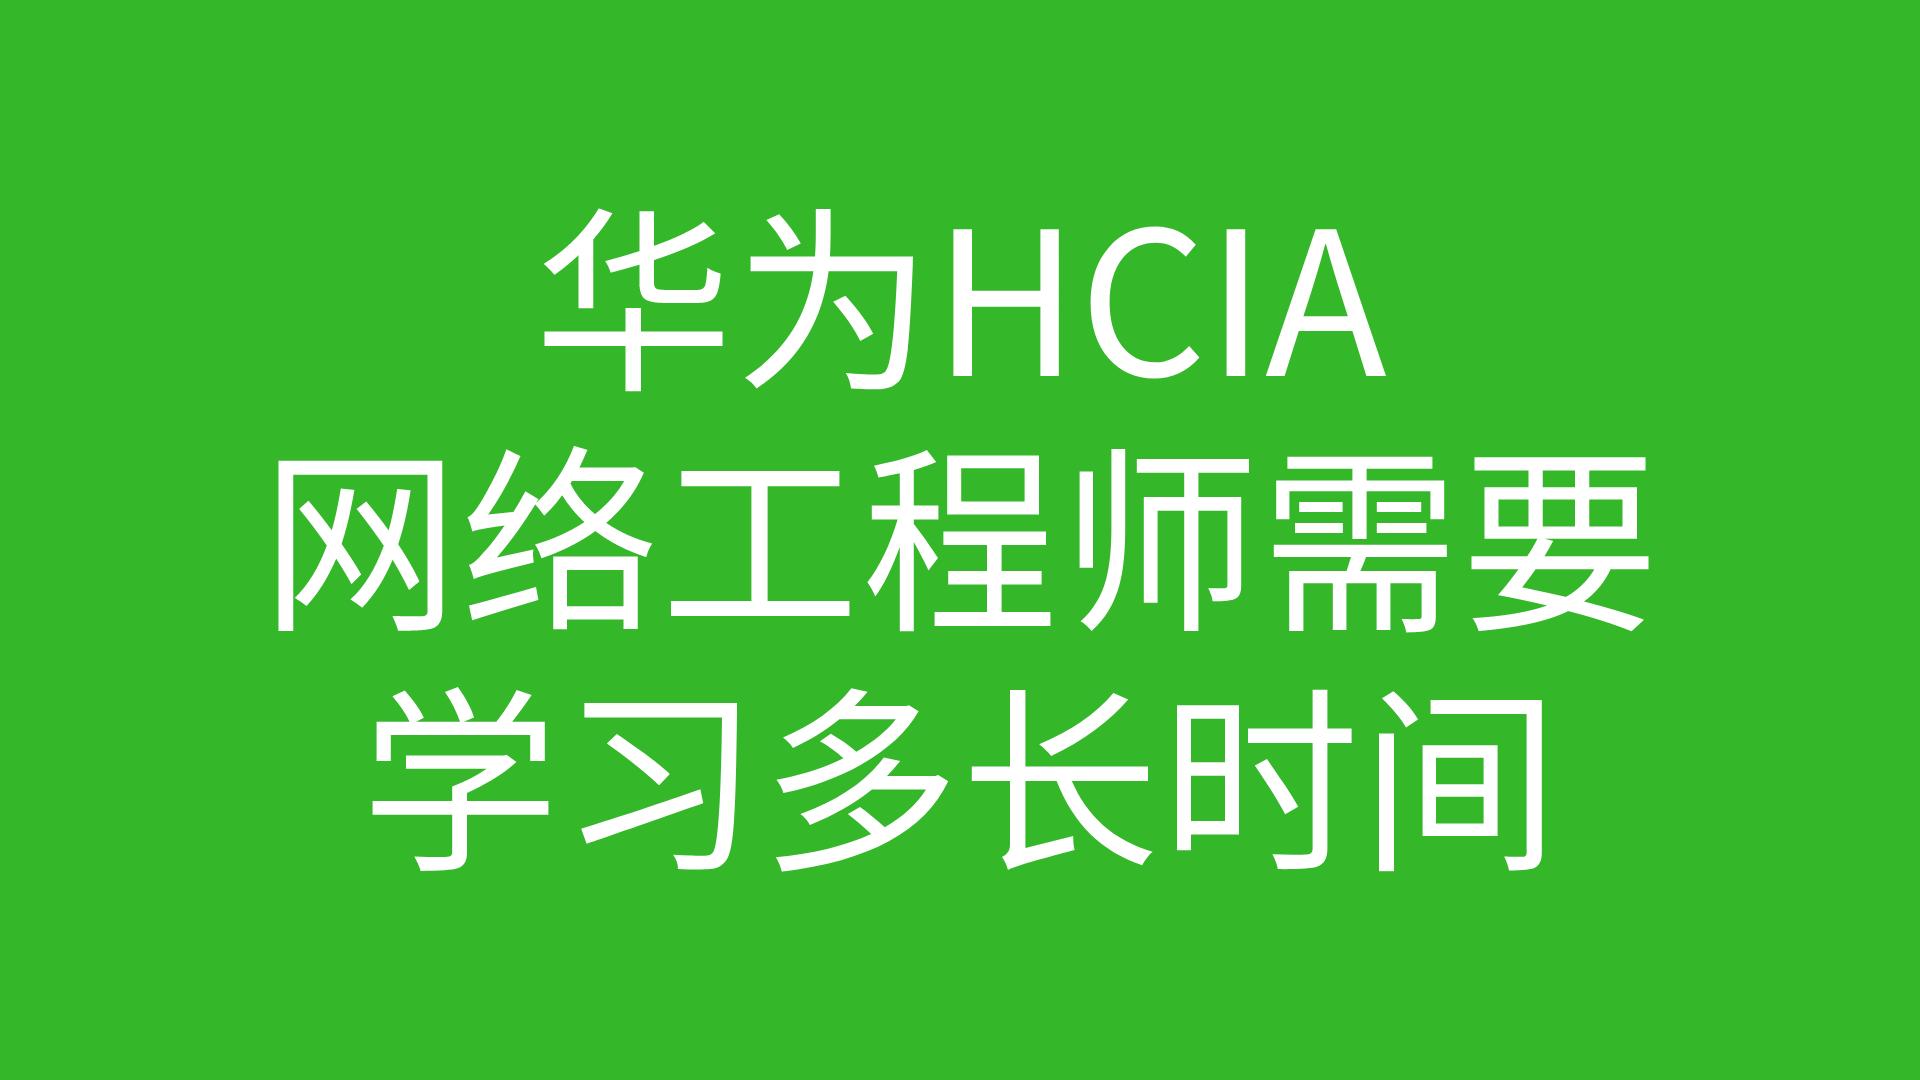 华为HCIA网络工程师需要学习多长时间